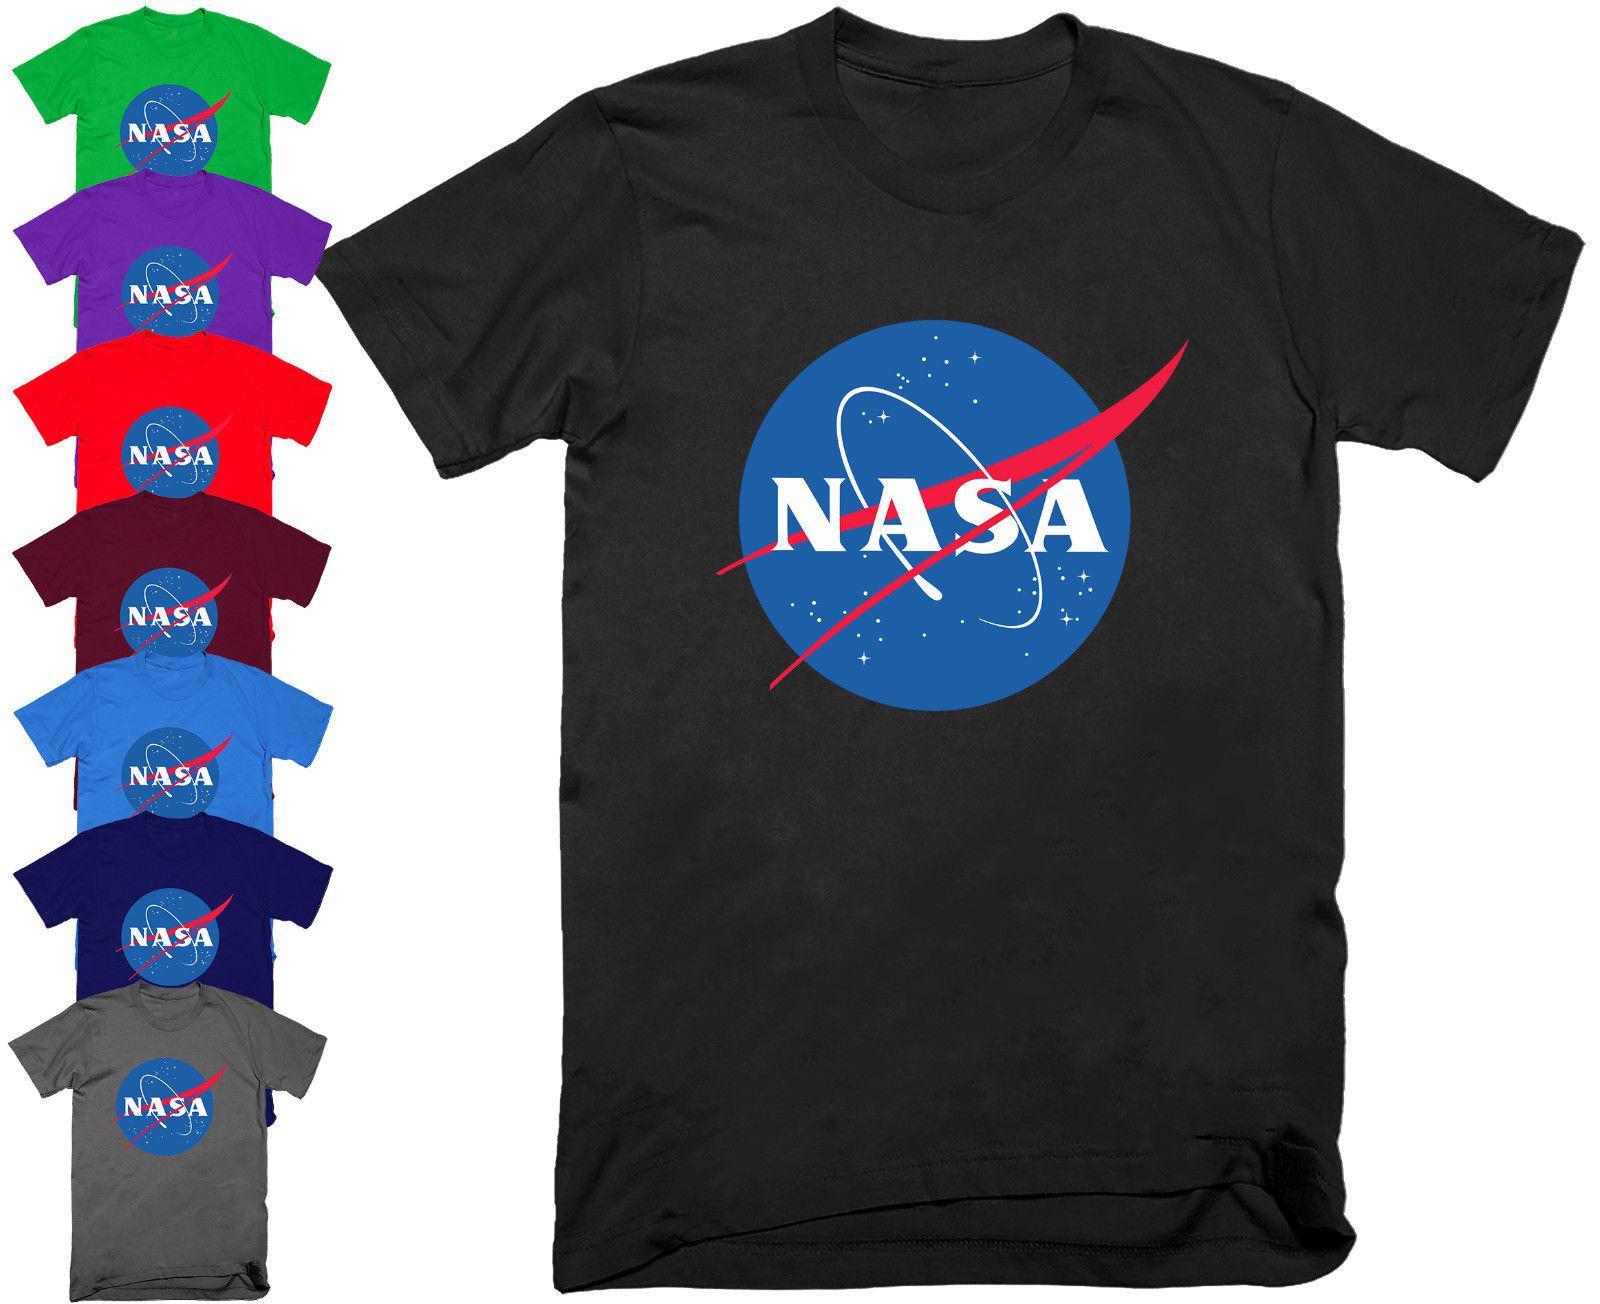 Mens Nasa Logo T Shirt Space Astronaut Geek Nerd Star Tee Top S 5xl